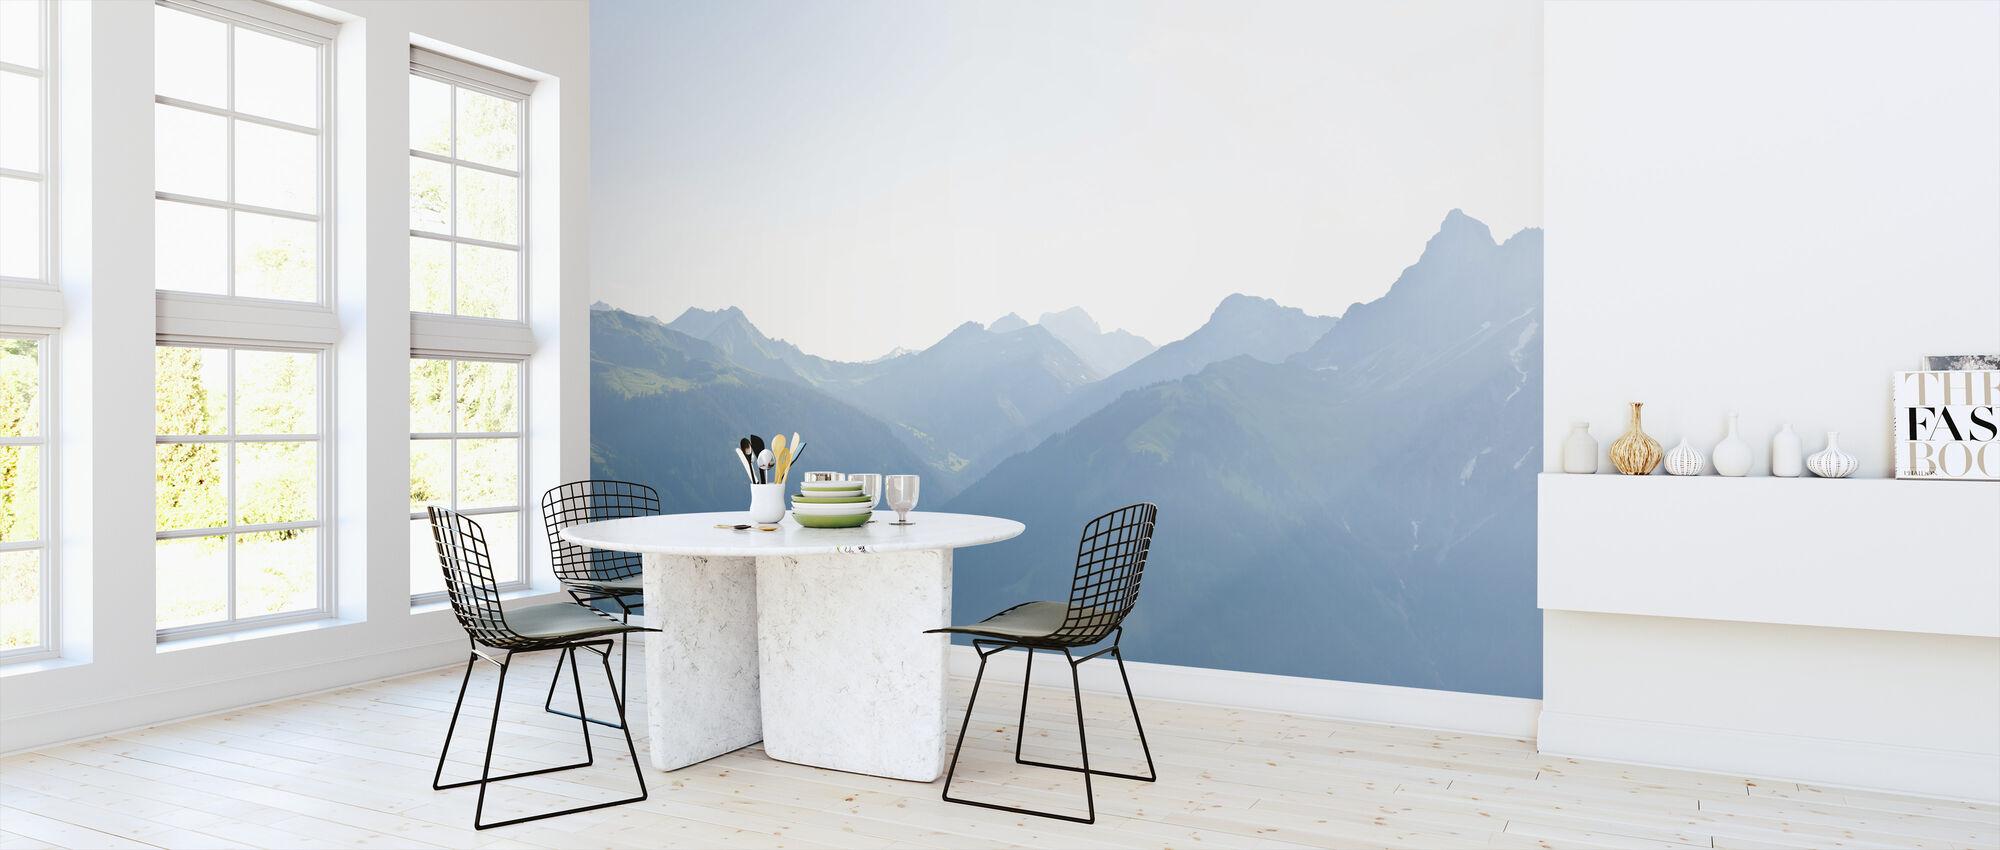 Vorarlberg, Austria - Wallpaper - Kitchen